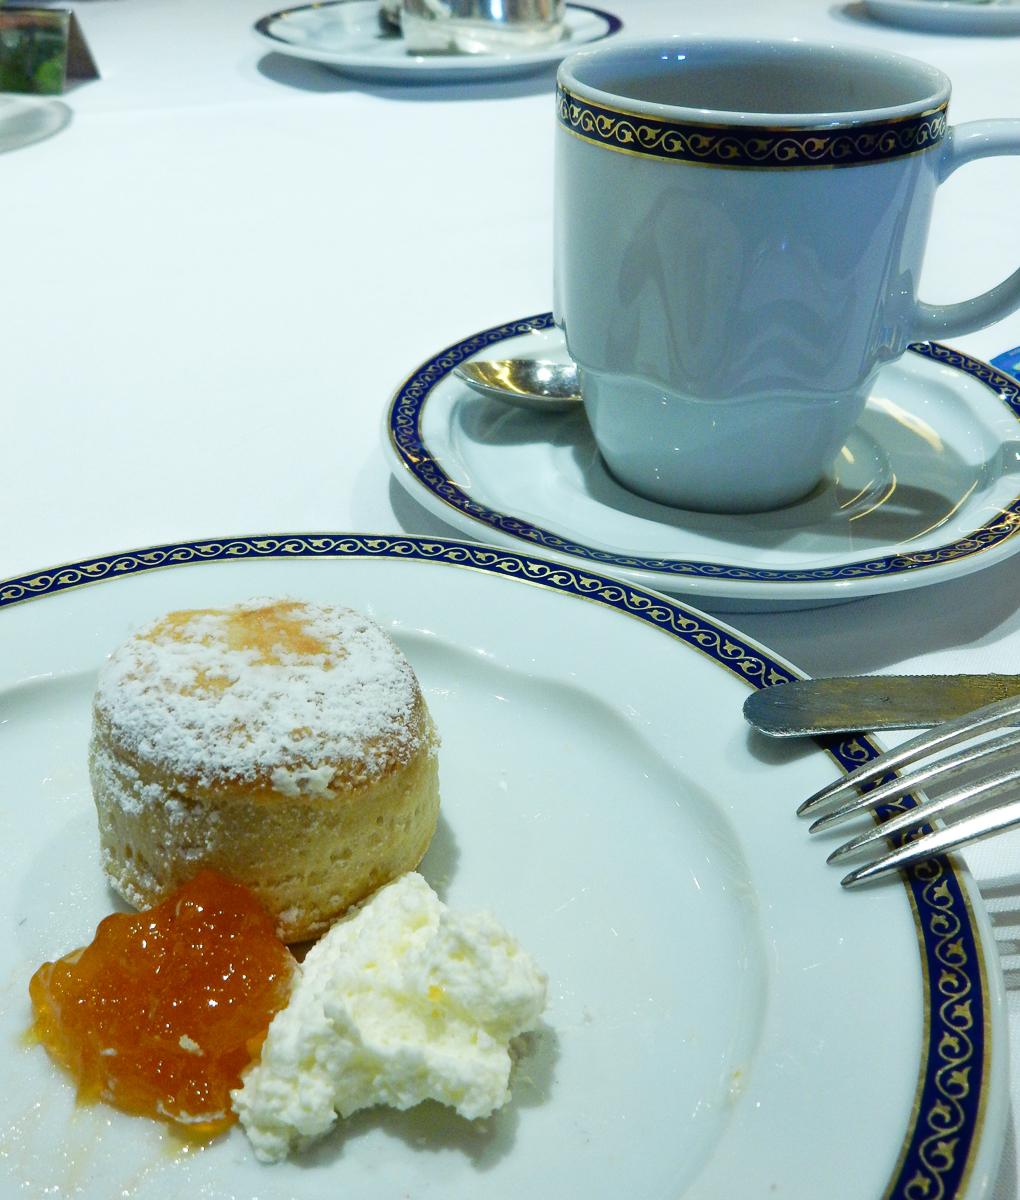 Eurodam Tea Event